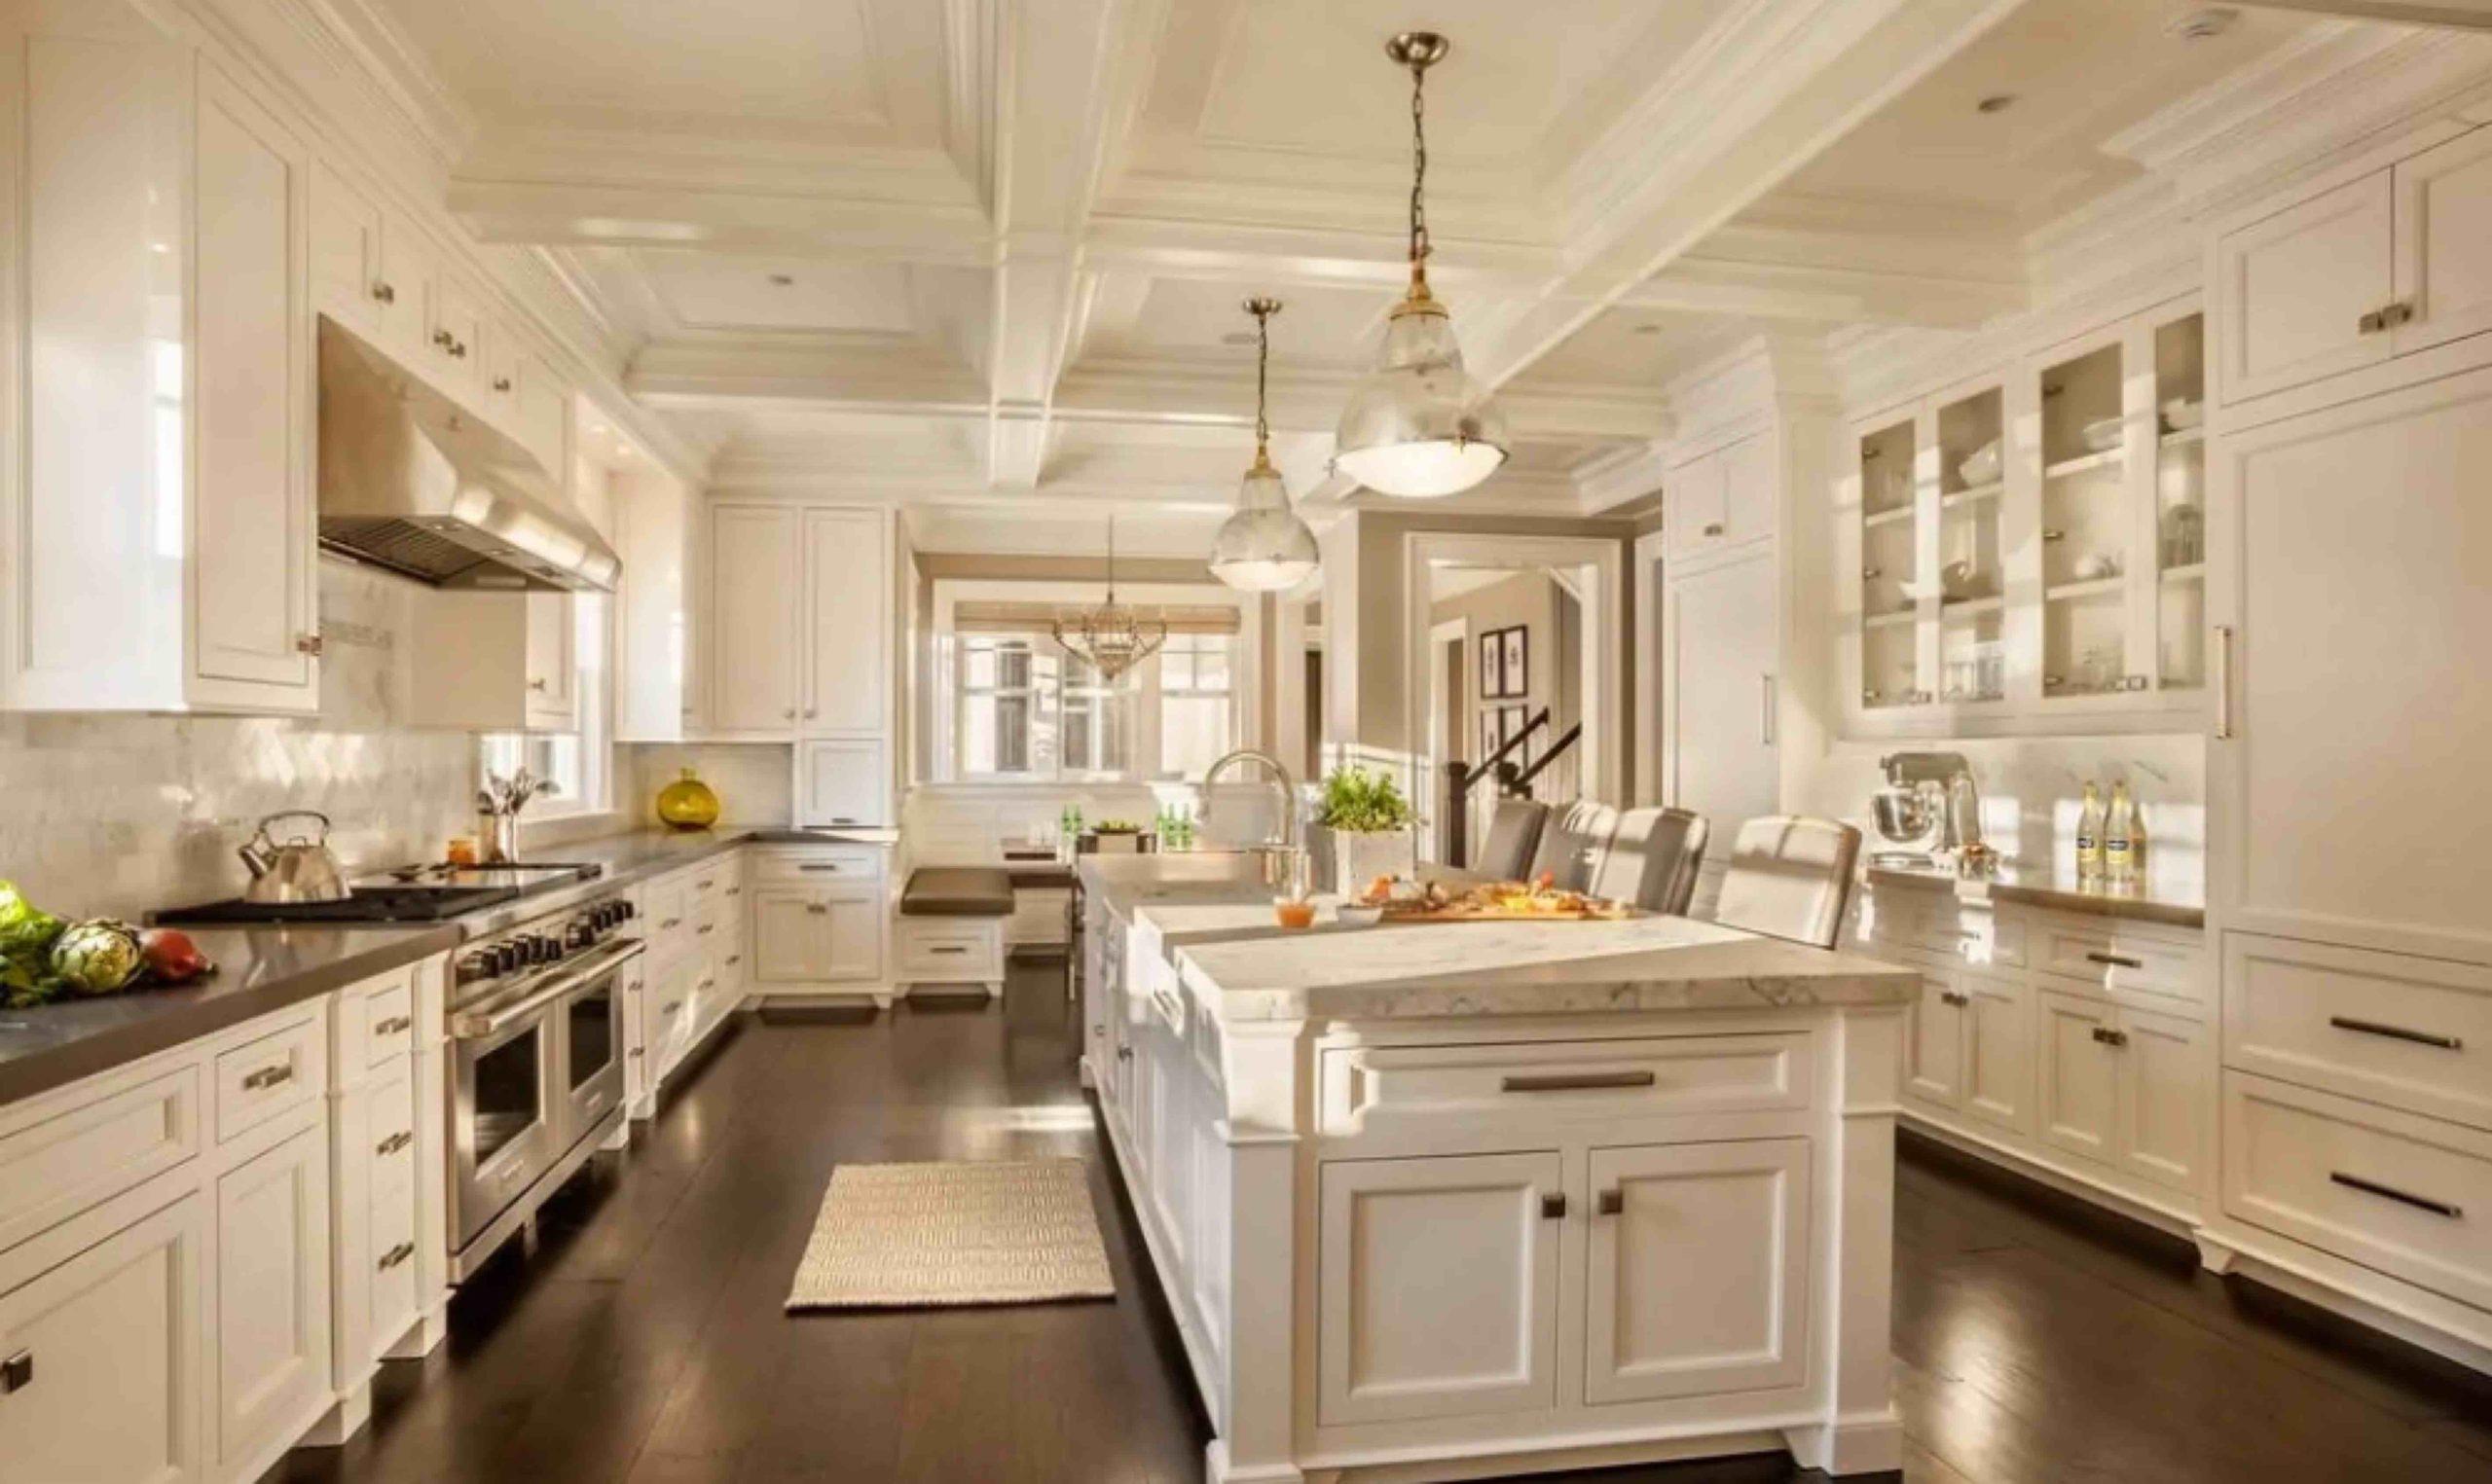 5 Best Kitchen Designs for Entertaining